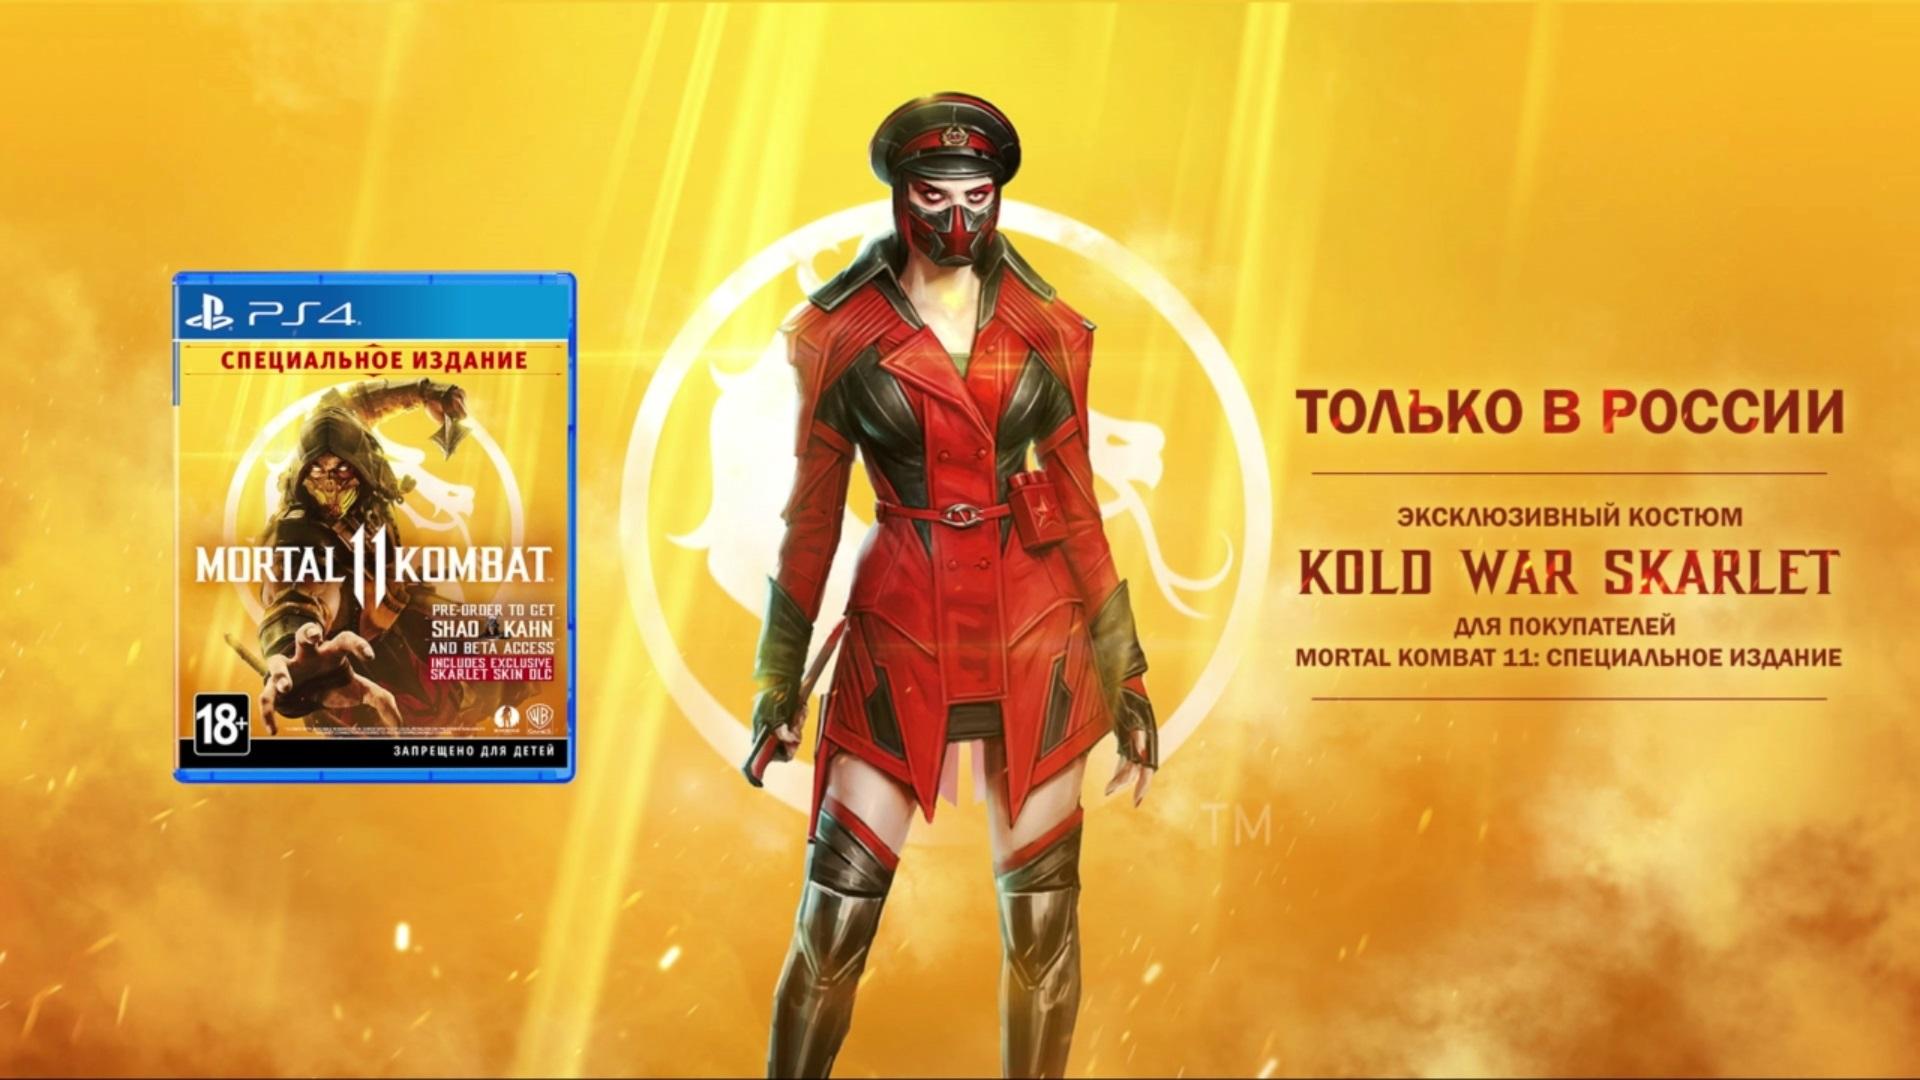 Mortal Kombat 11's Skarlet gets this awesome Kold War skin